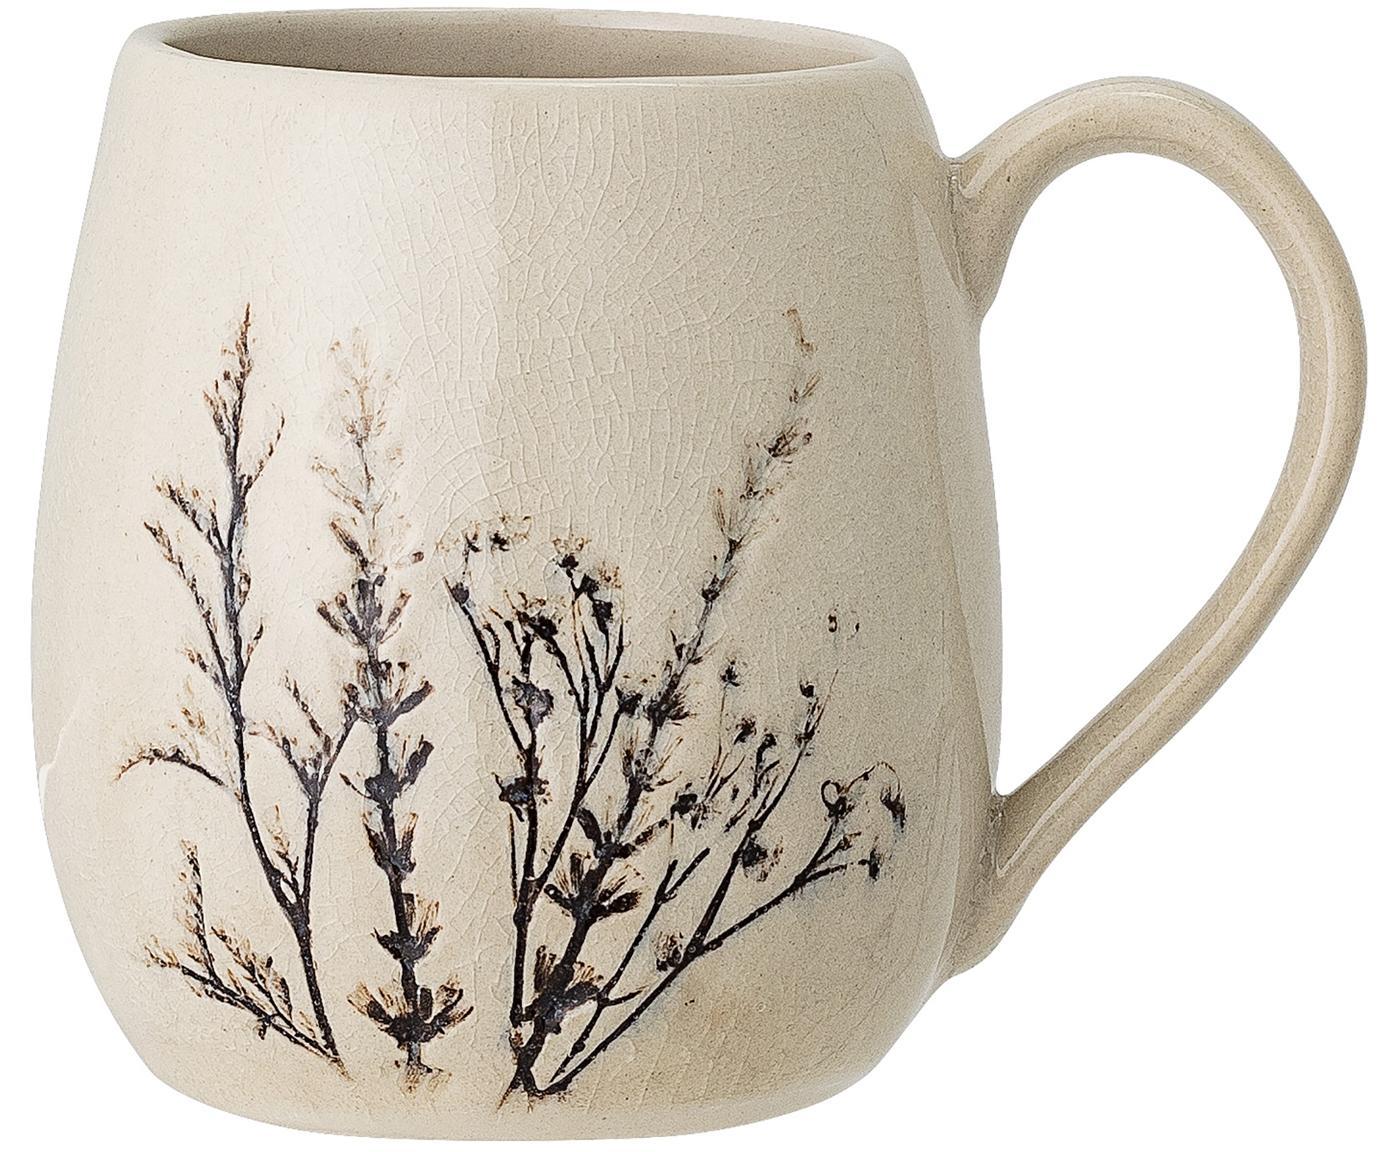 Handgefertigte Tasse Bea mit Gräser-Motiv, Steingut, Beige, Mehrfarbig, Ø 10 x H 11 cm